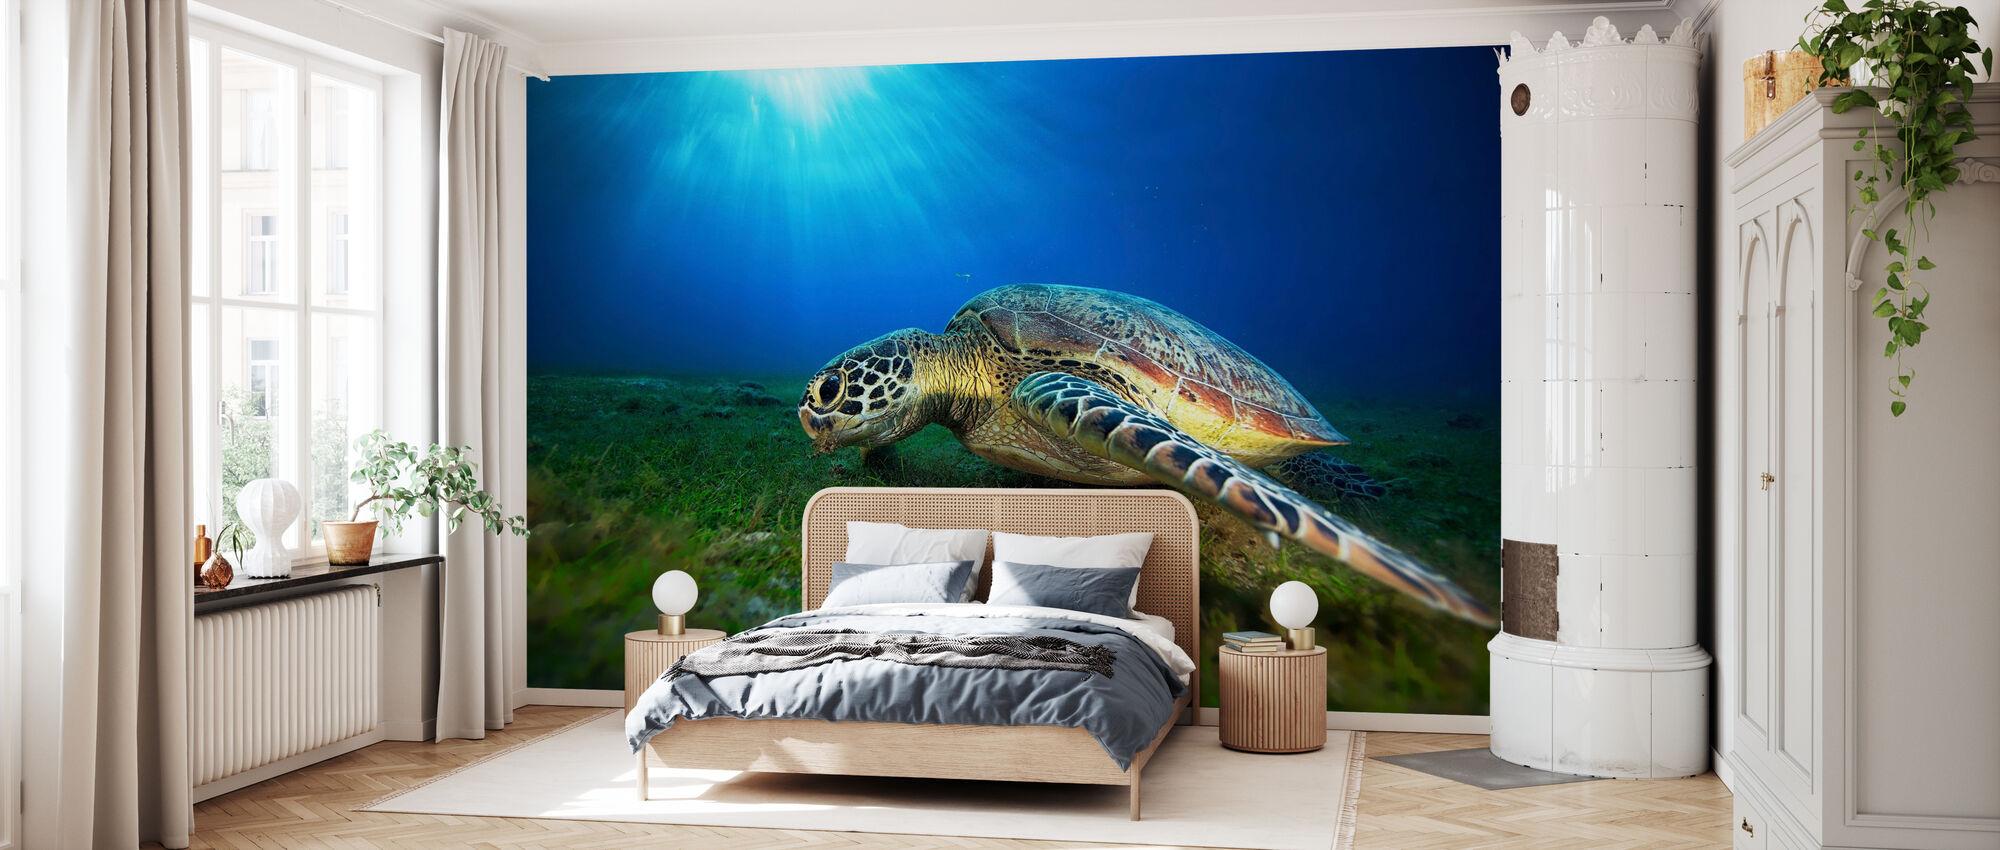 Green Turtle - Wallpaper - Bedroom